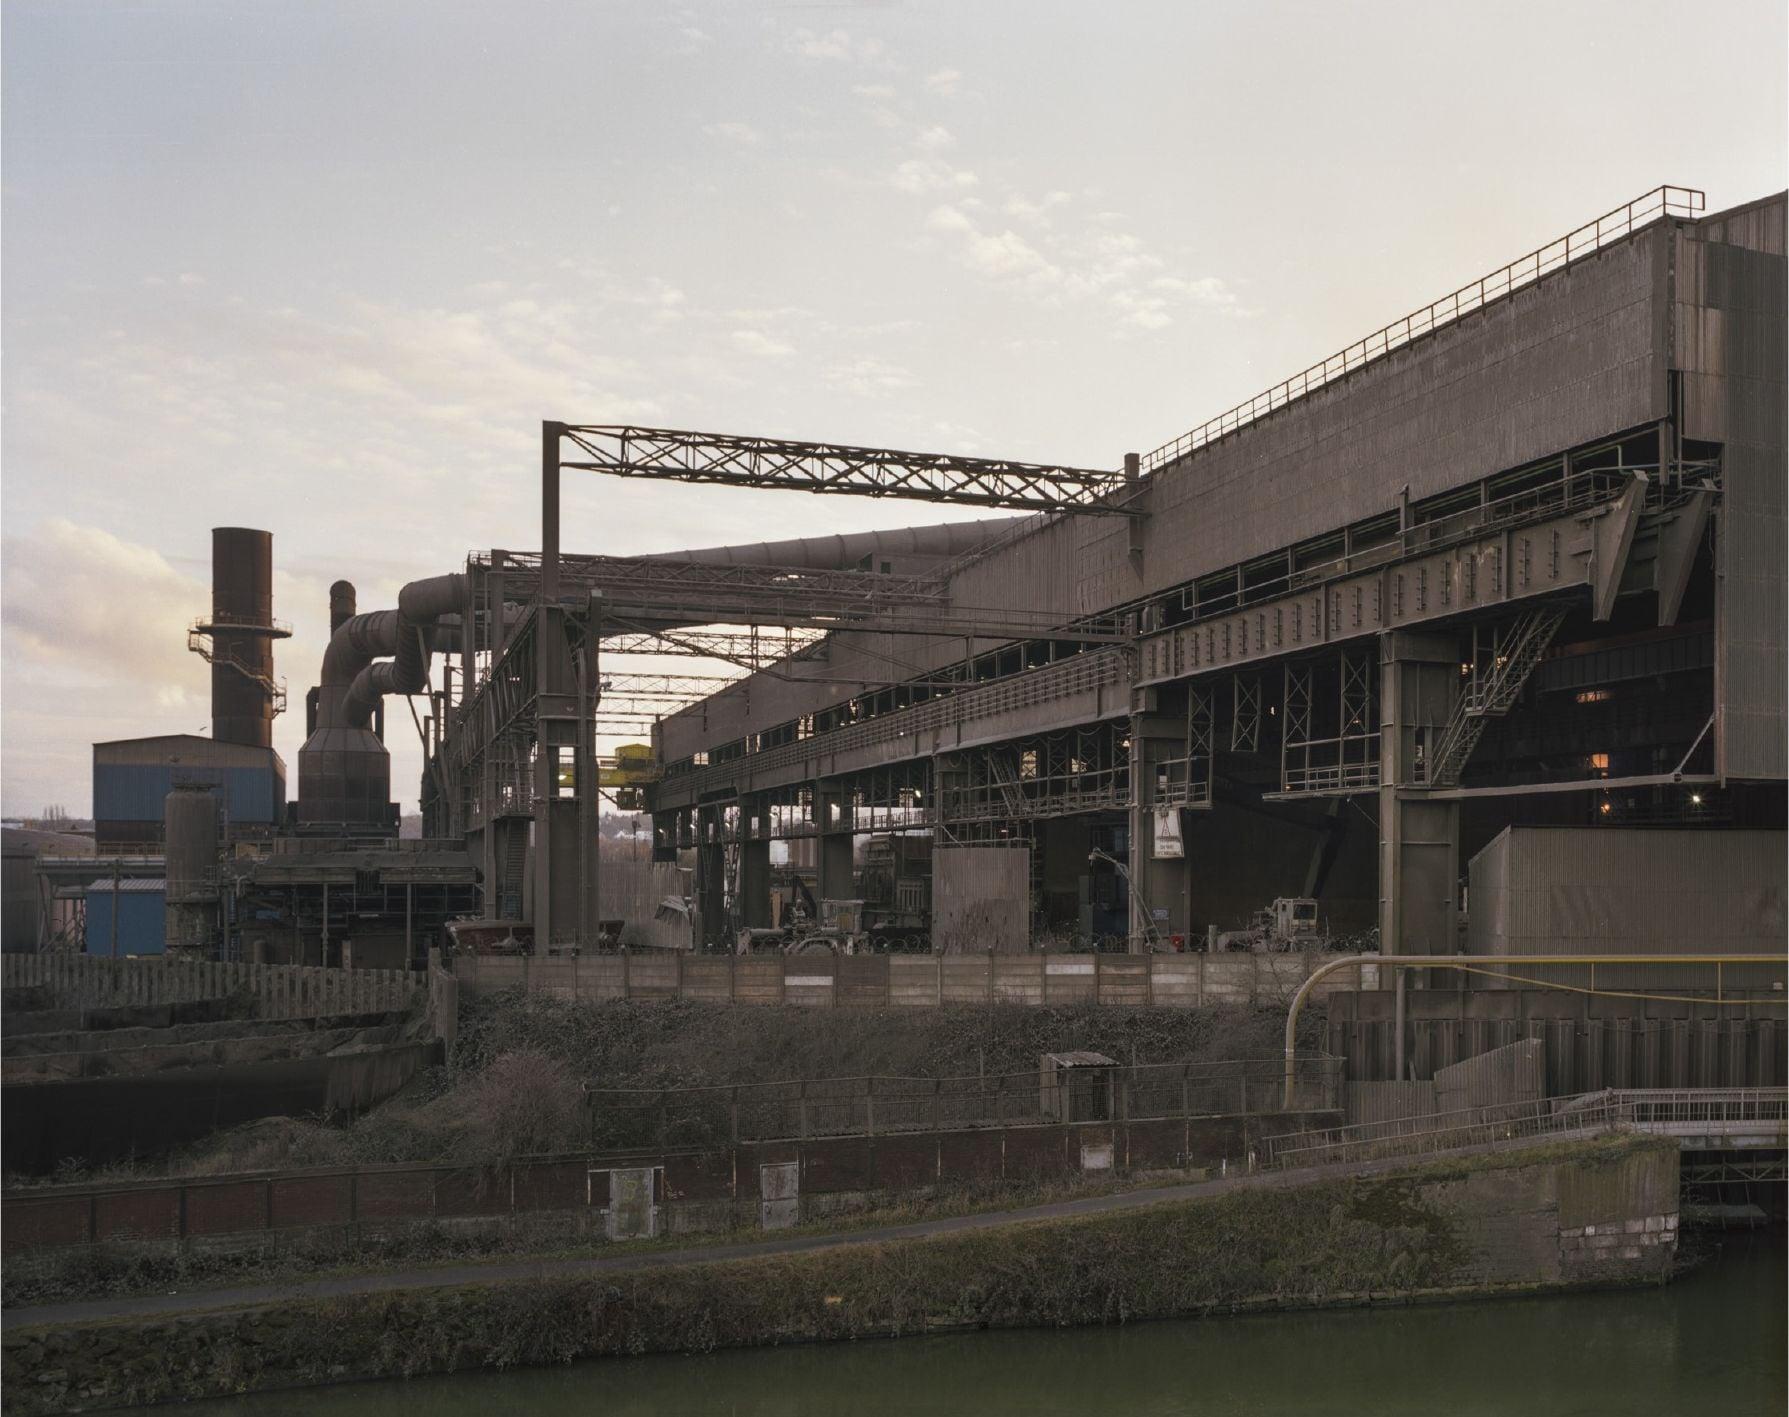 Elektrostahlwerk - Electric steel plant